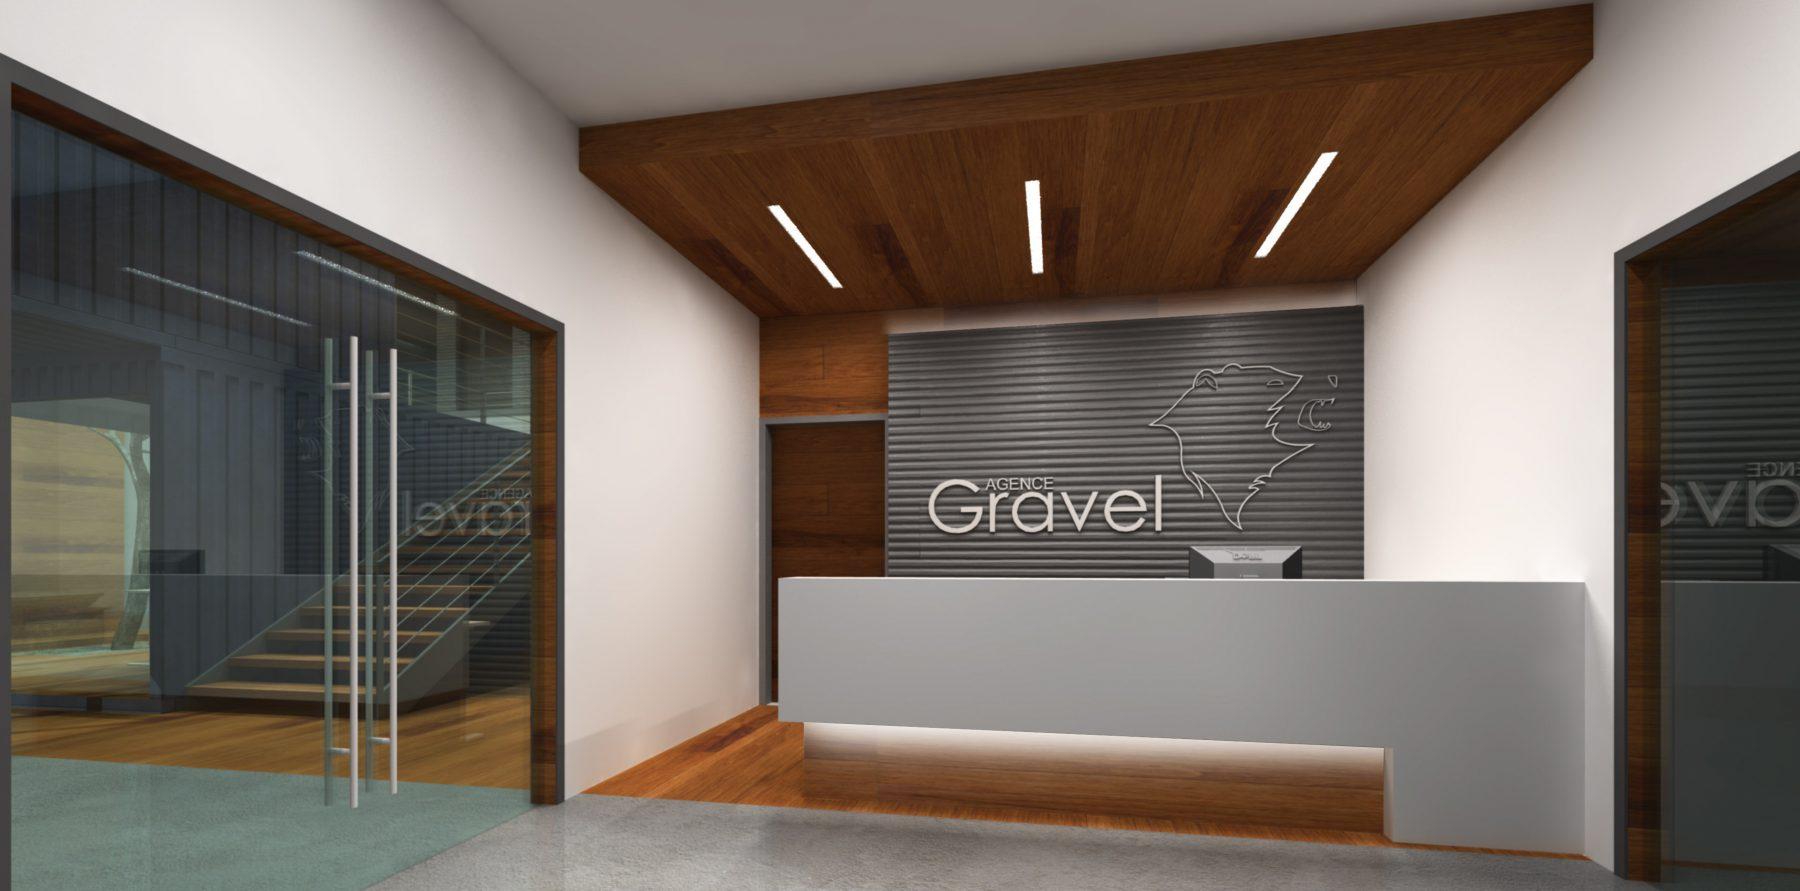 Agence gravel quanta architecture for Architecture et design d interieur